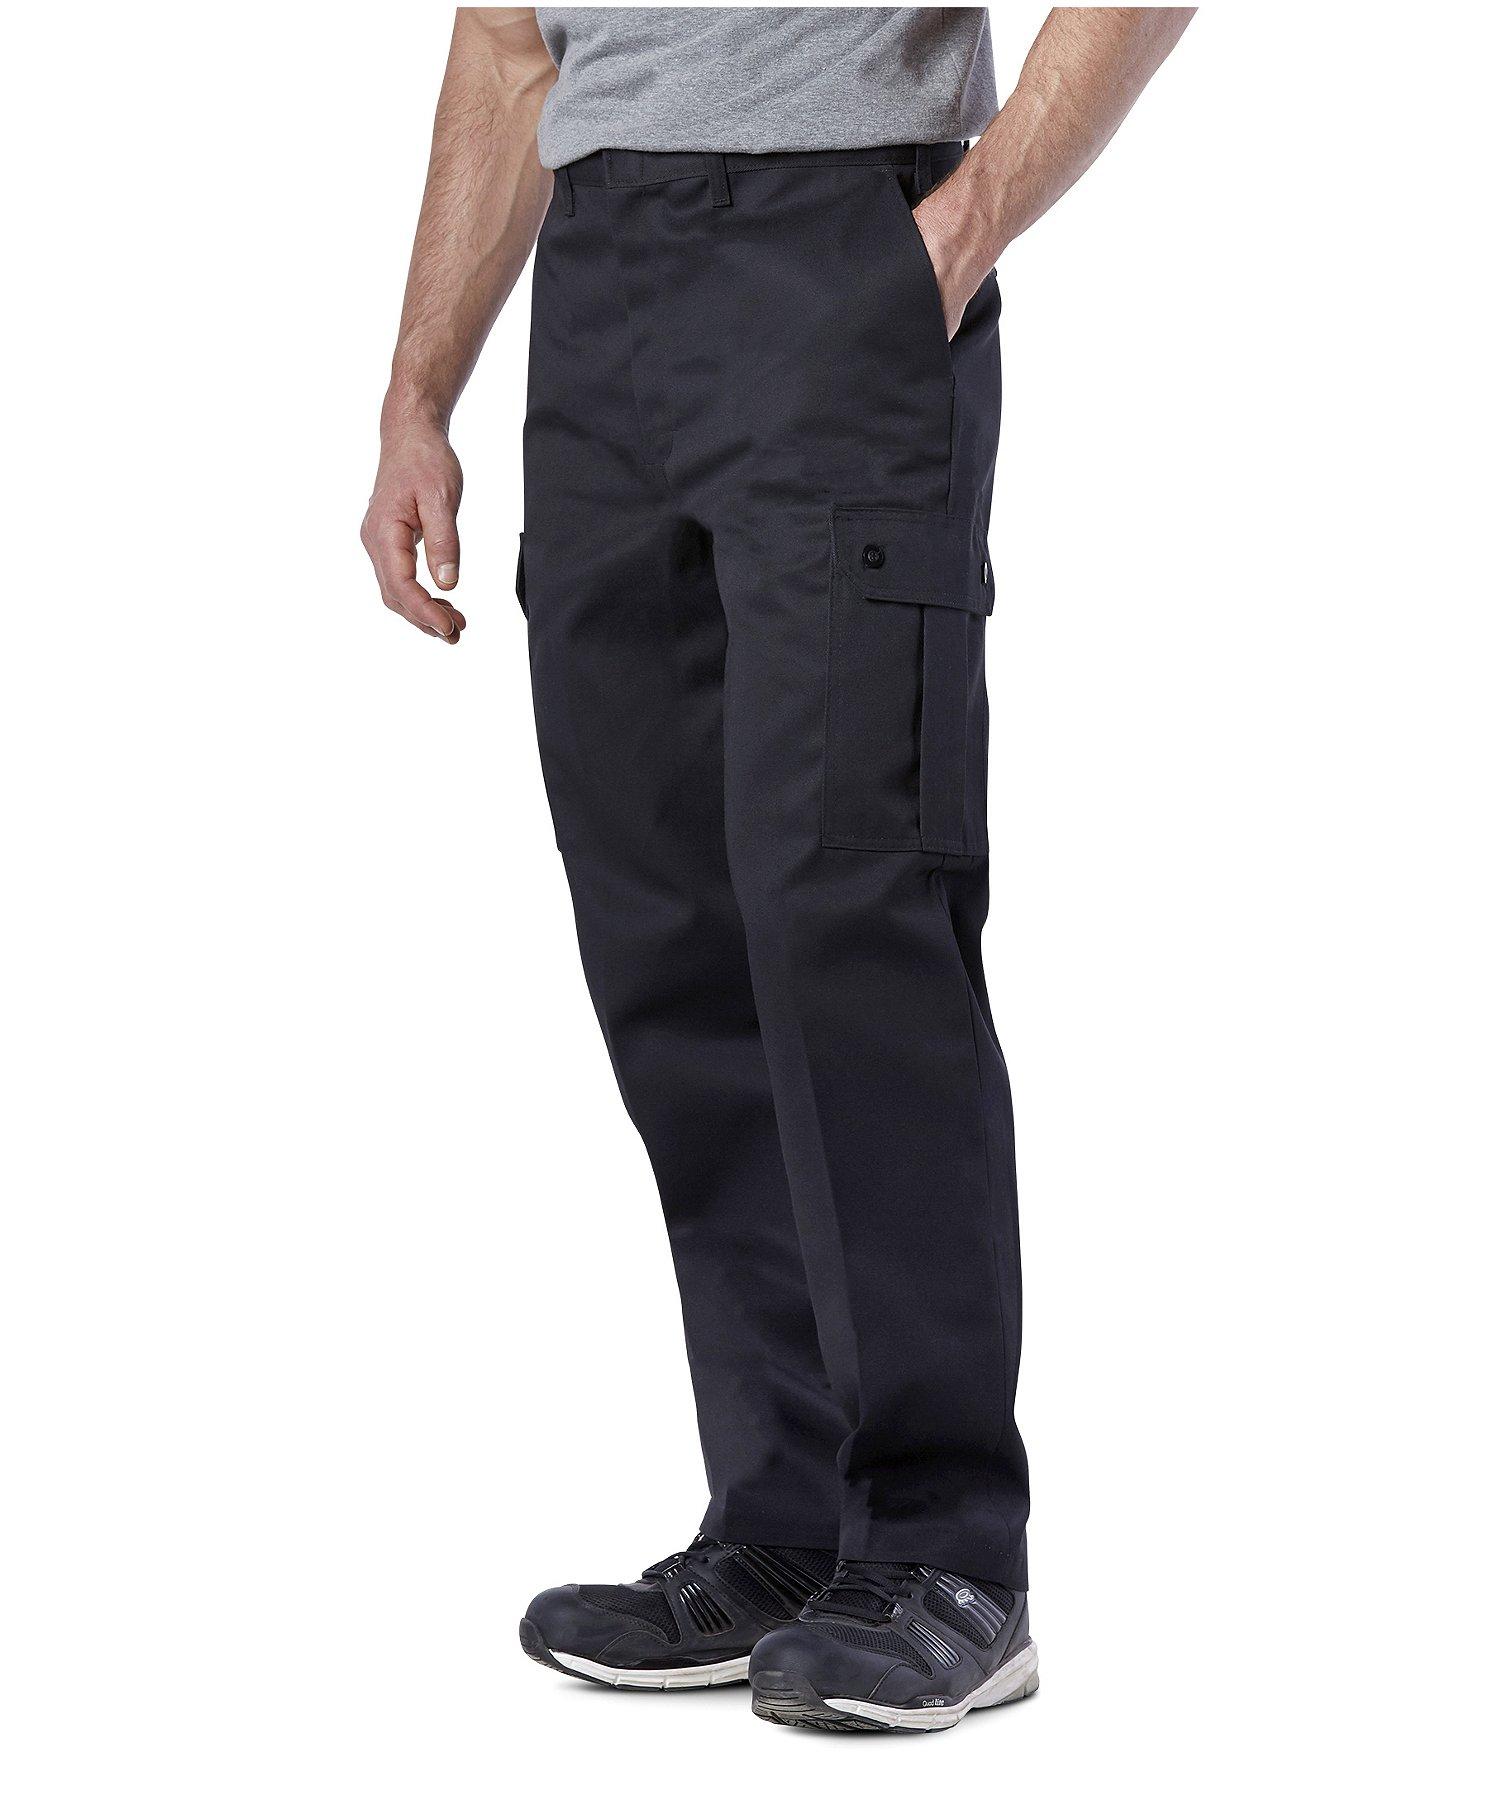 vraiment pas cher large choix de couleurs et de dessins 100% qualité garantie Pantalon de travail cargo pour hommes